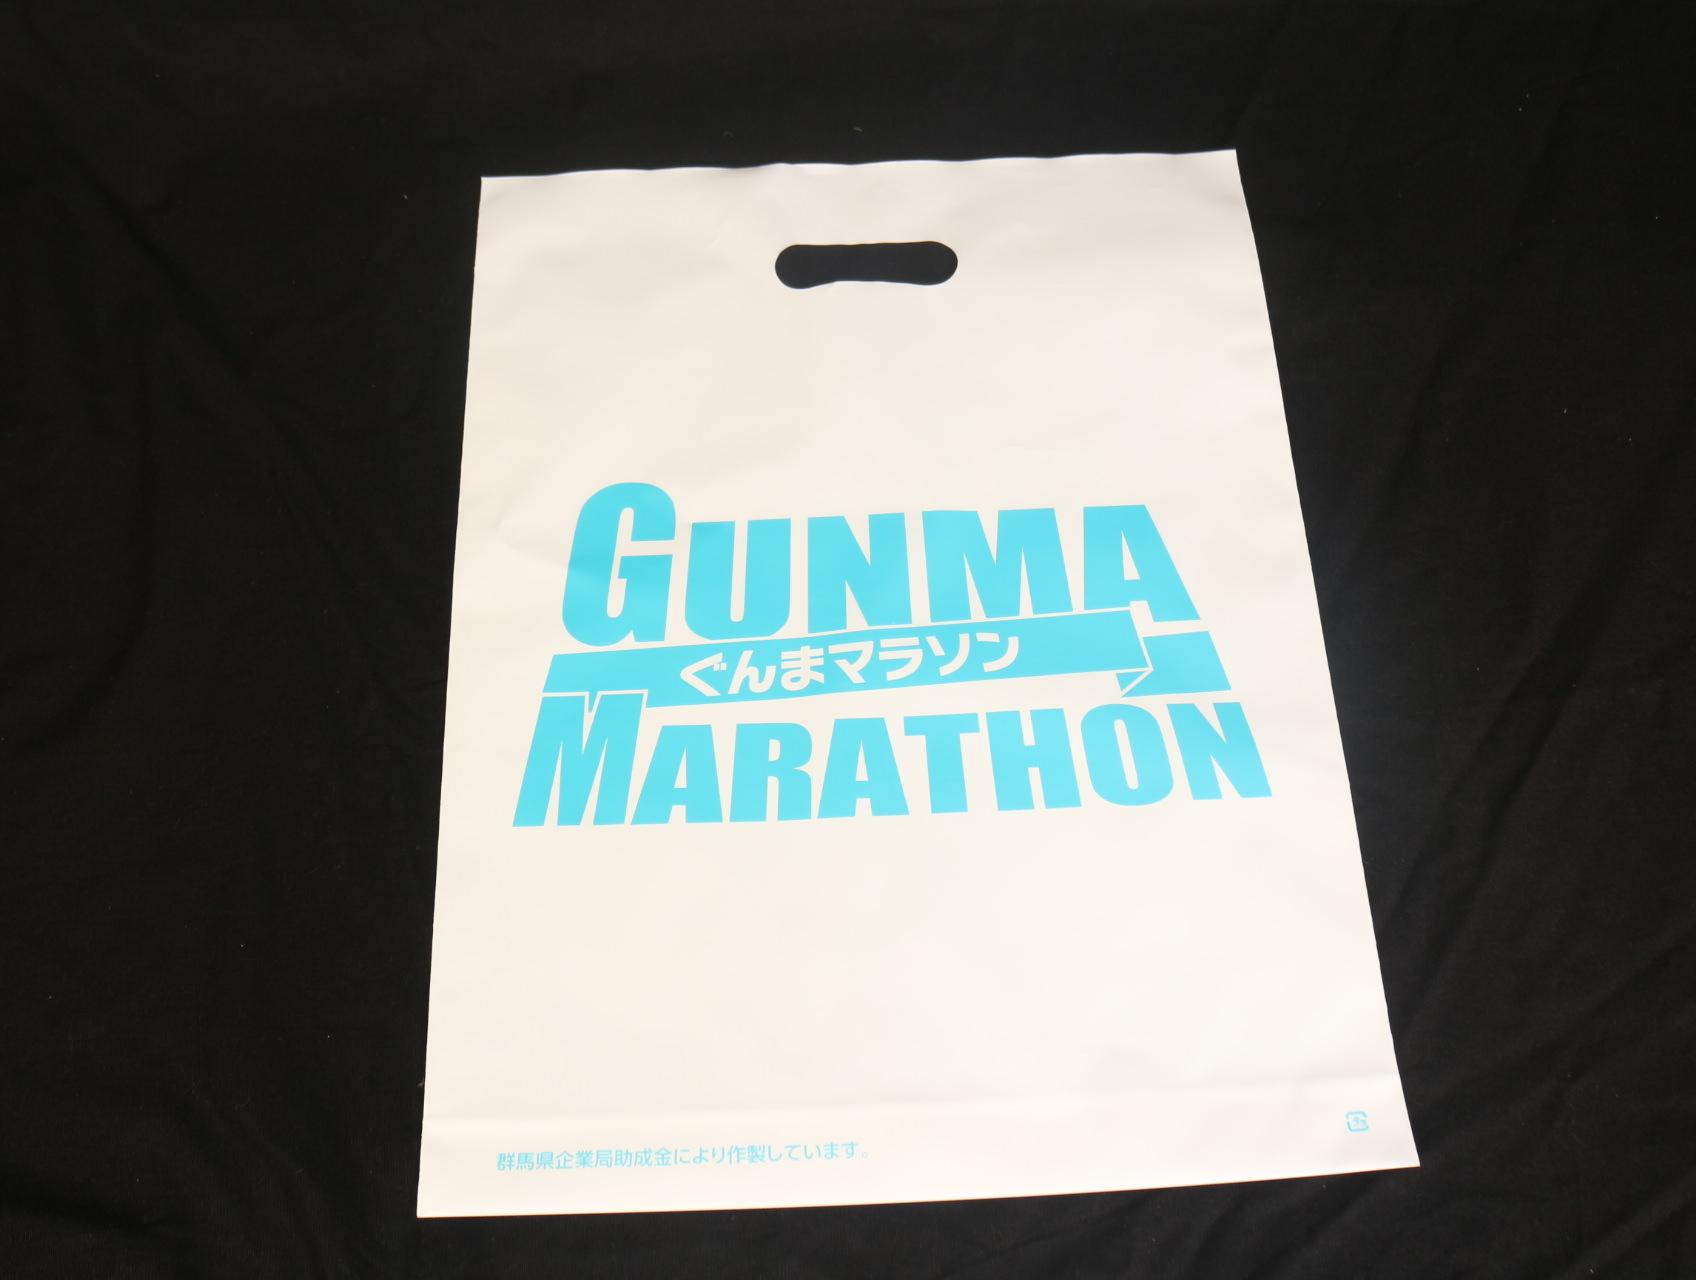 誰もが楽しめる、地元の魅力を満喫できるマラソン大会でご利用になられる一色印刷ポリ袋